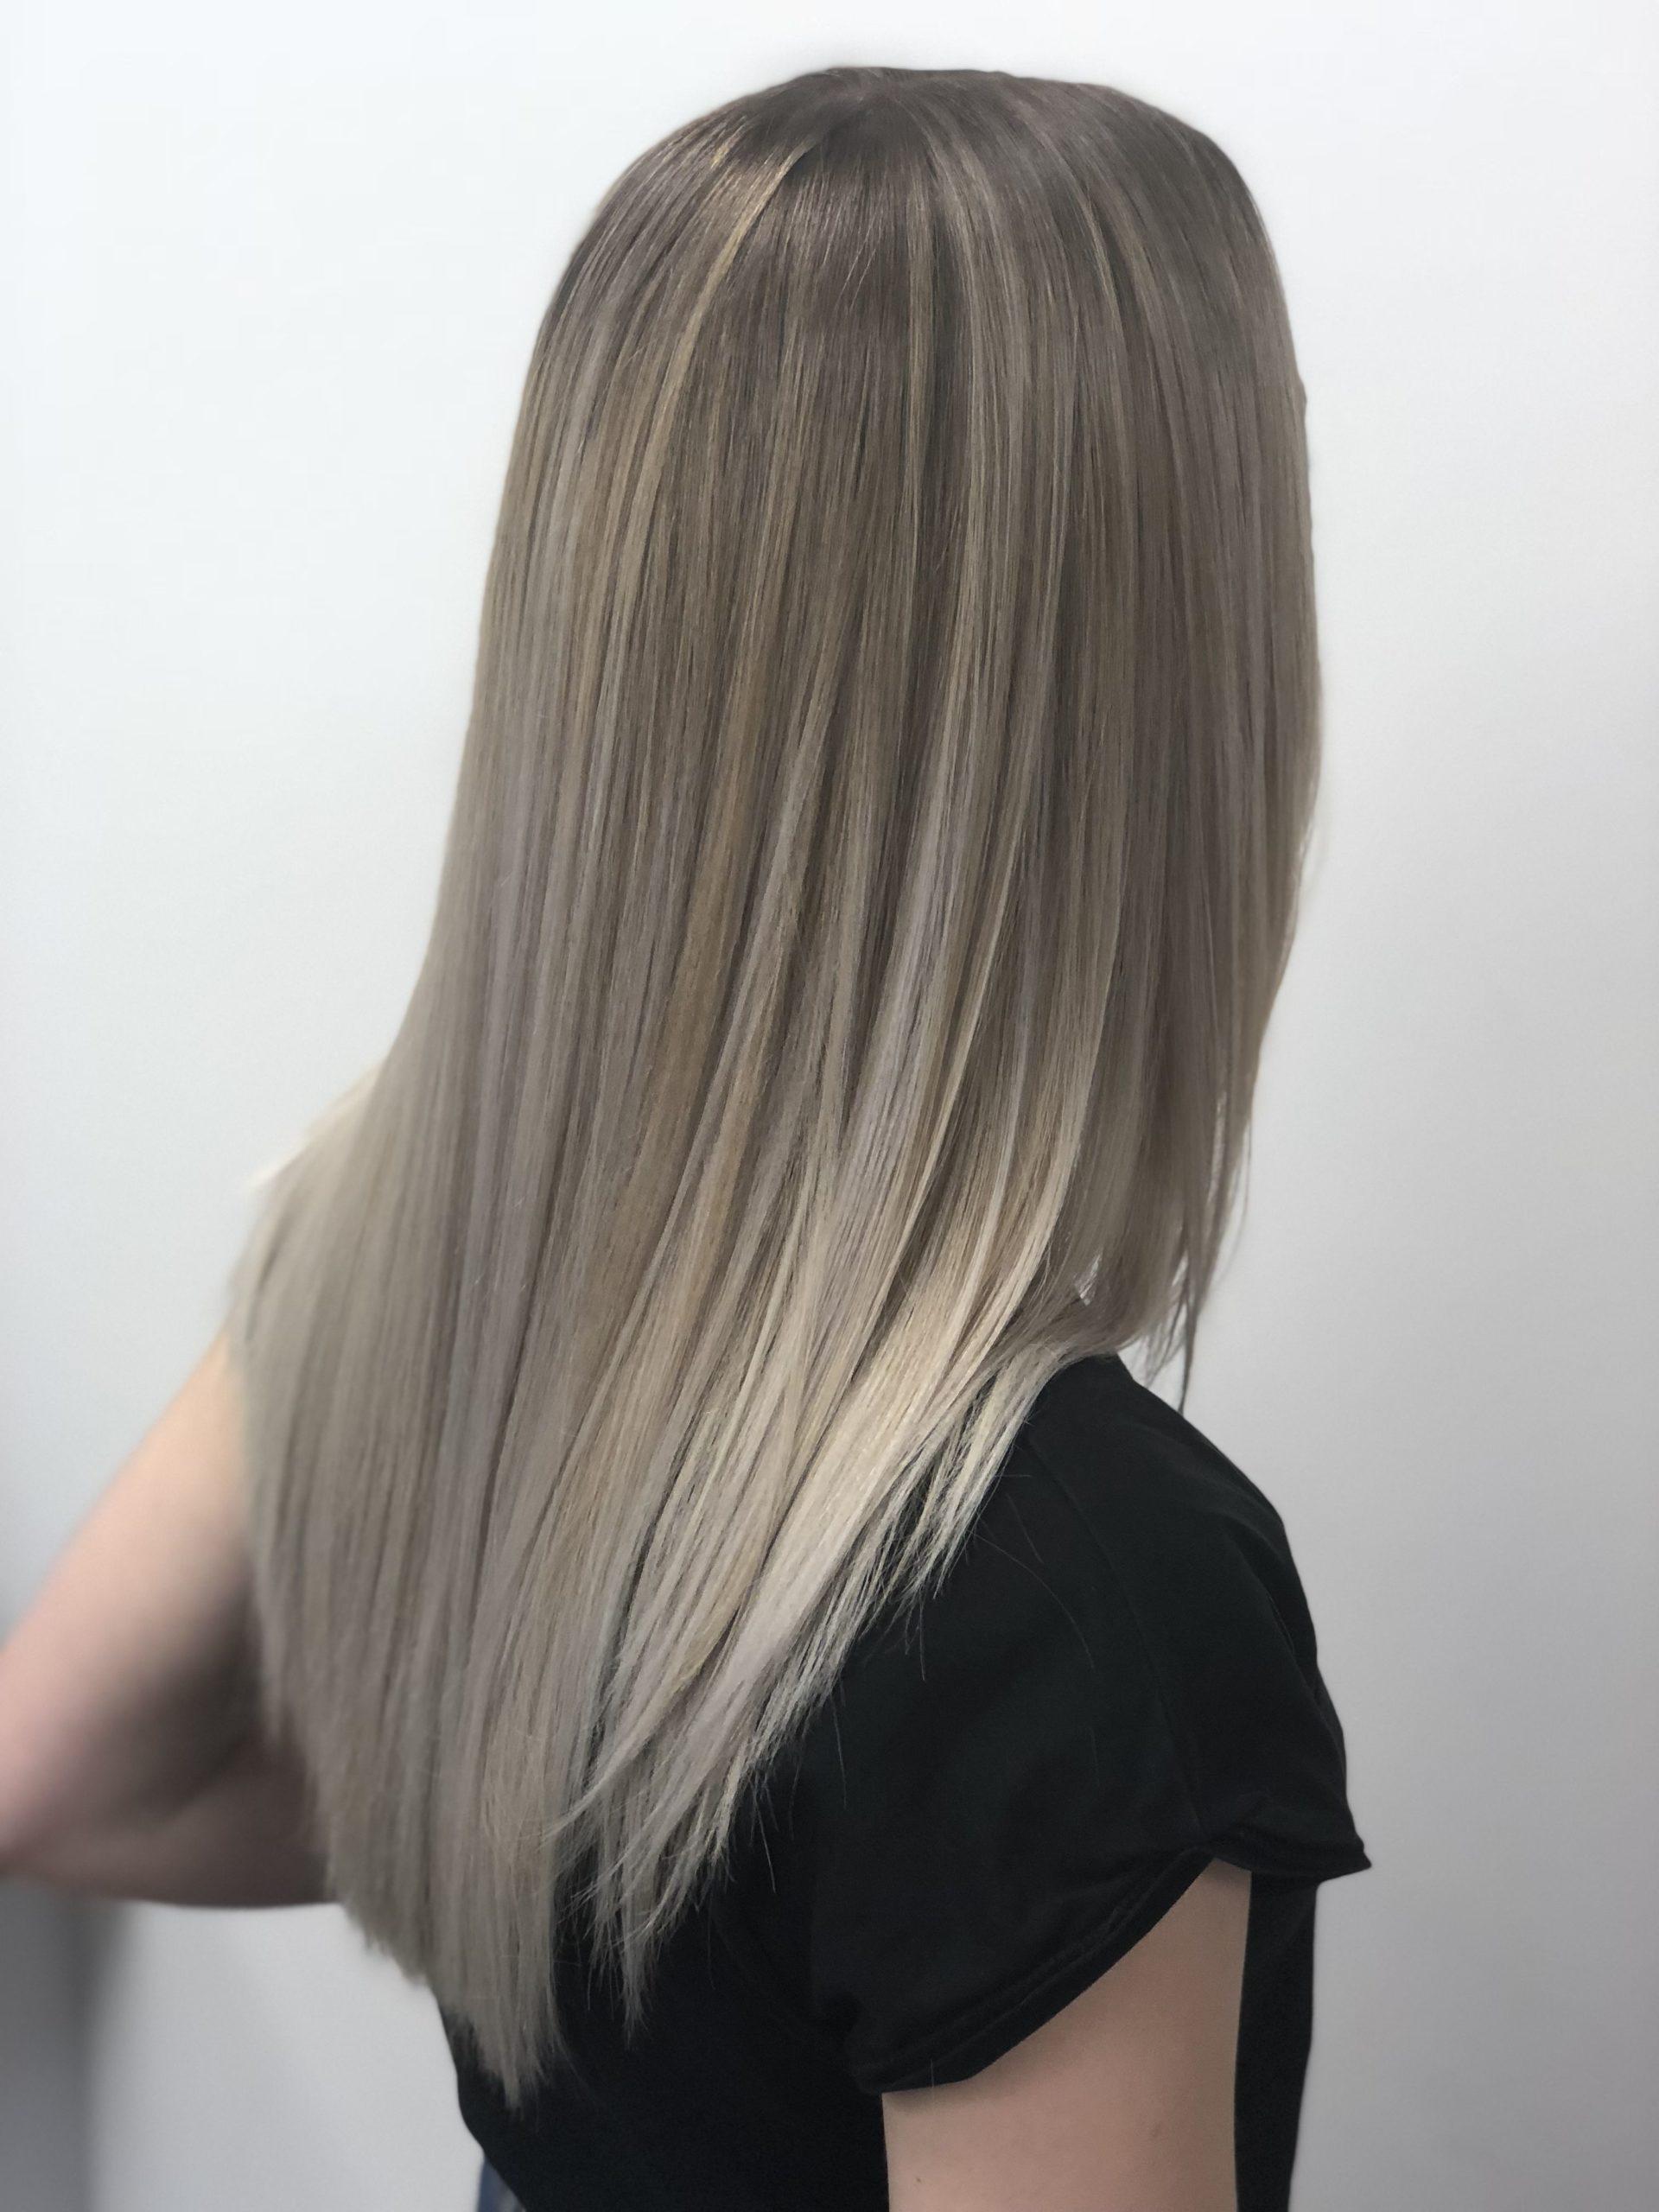 Aschblond kühle Haarfarben